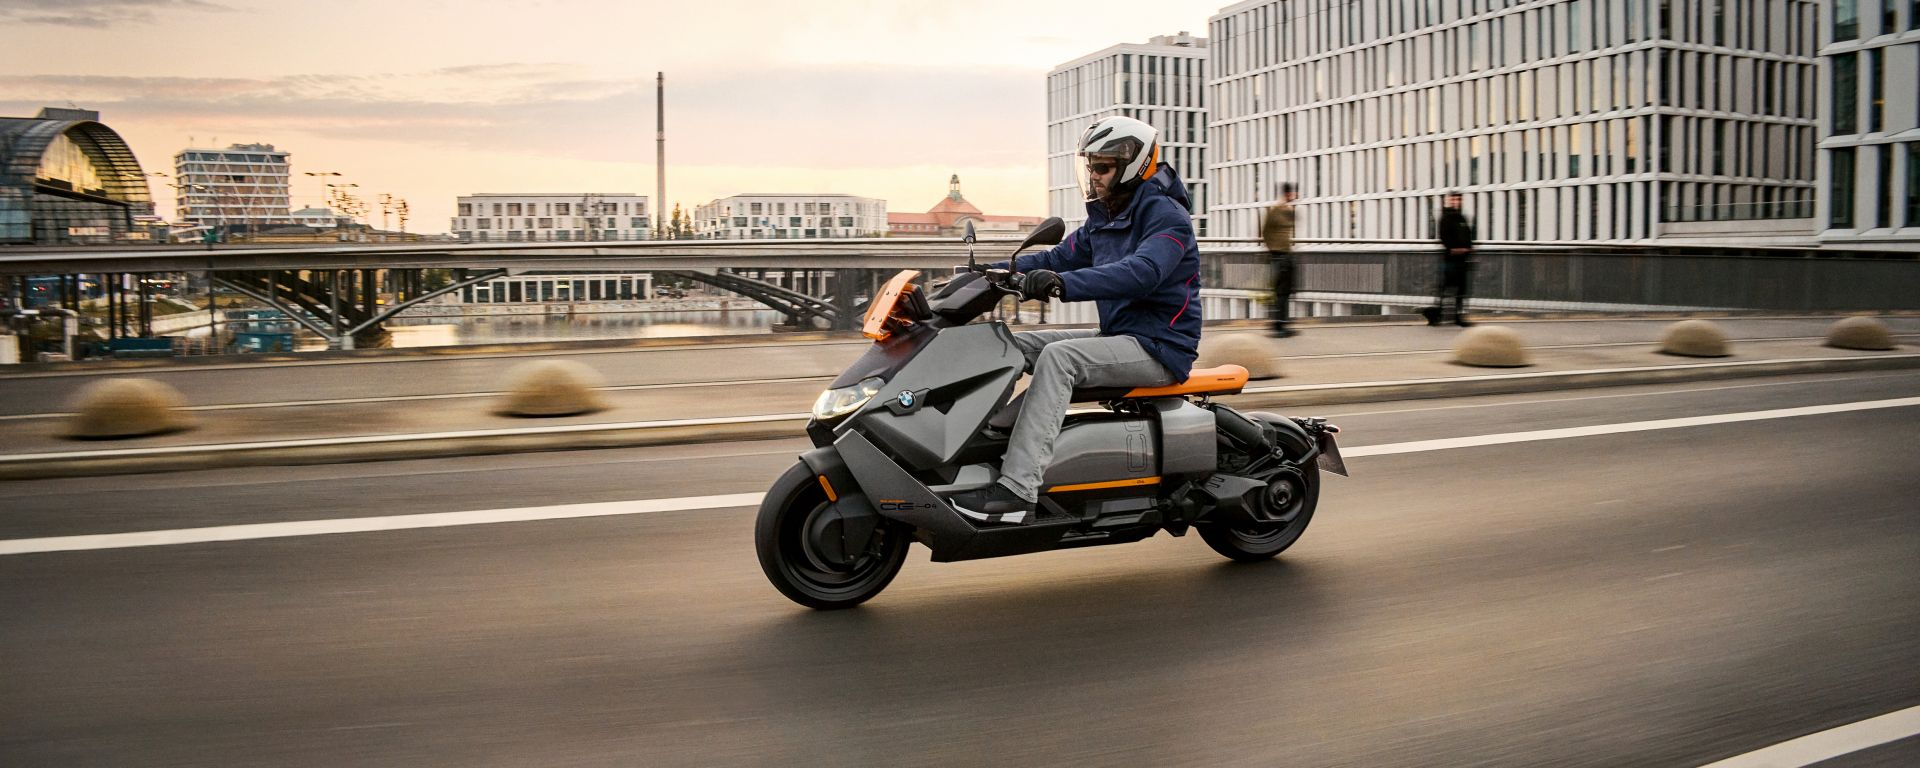 BMW CE 04 2021